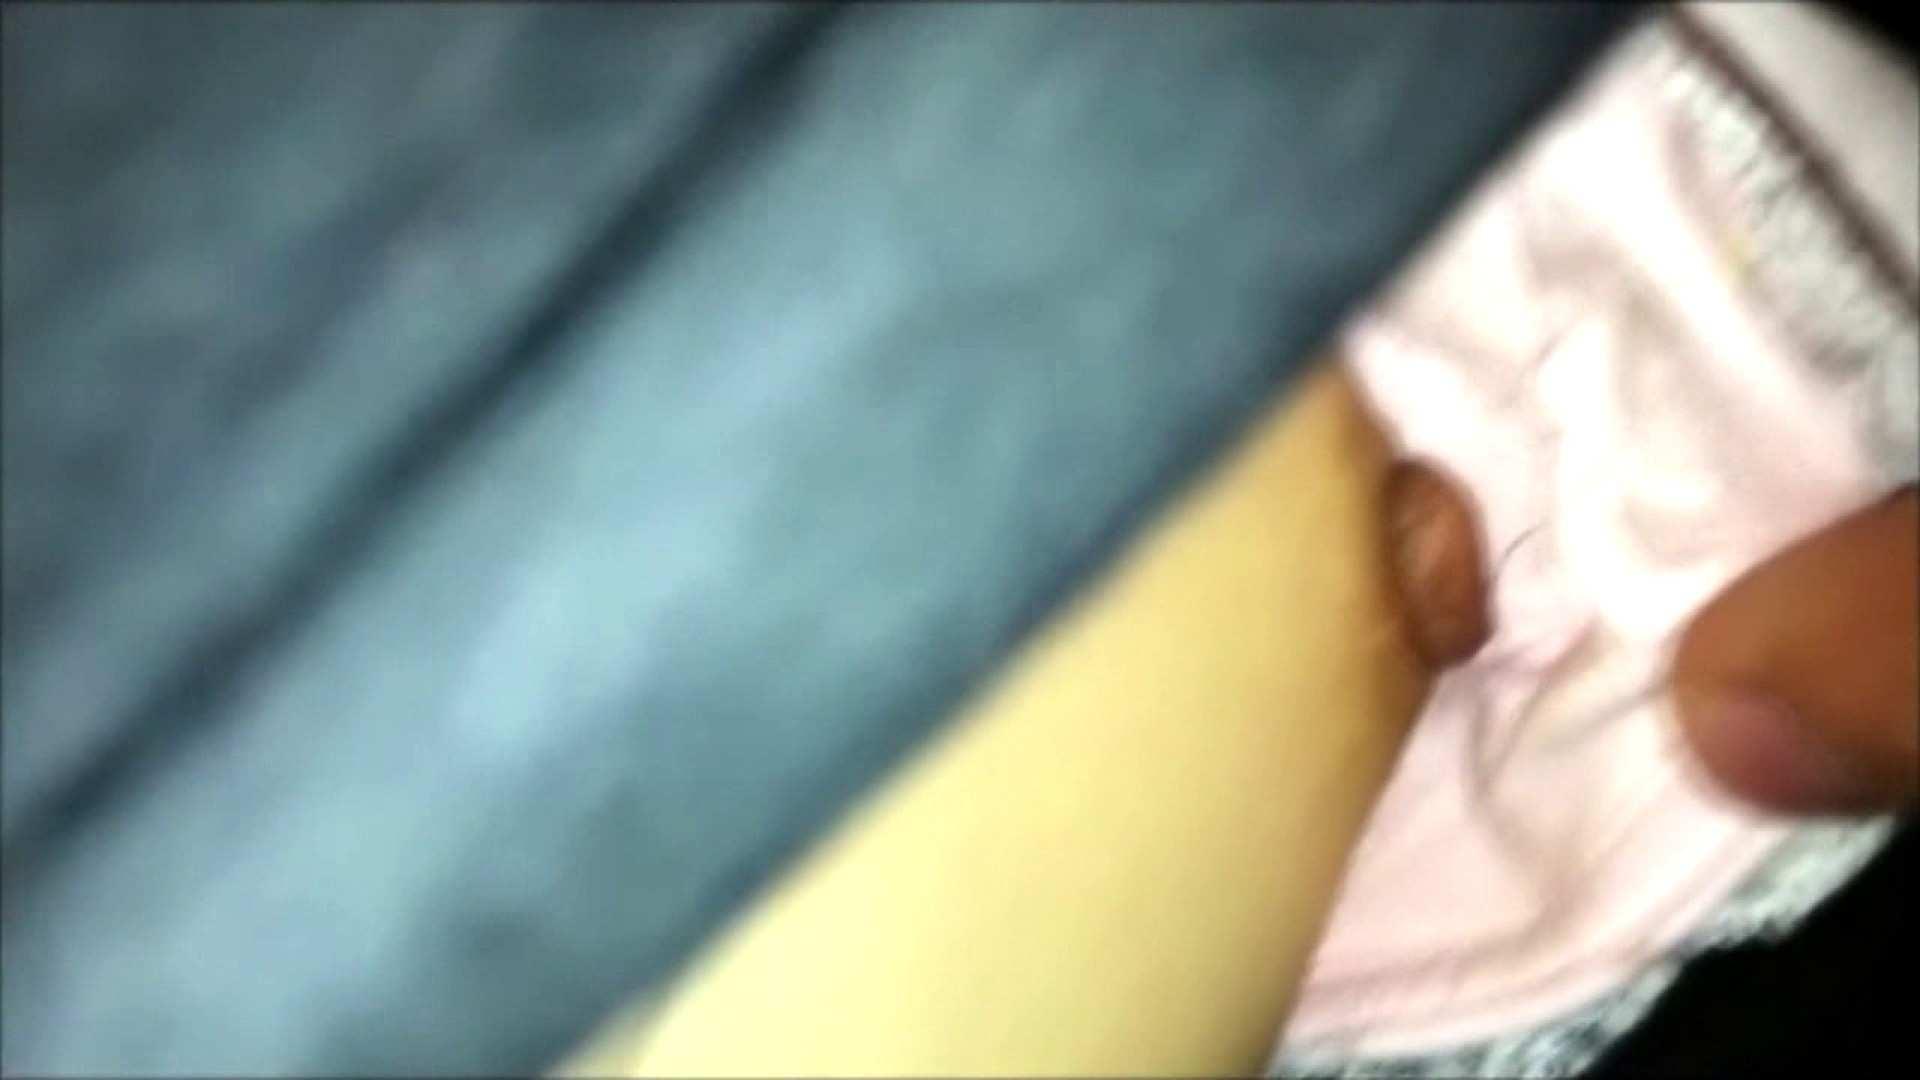 魔術師の お・も・て・な・し vol.05 21歳 美乳にイタズラ 美乳 オマンコ無修正動画無料 55画像 9